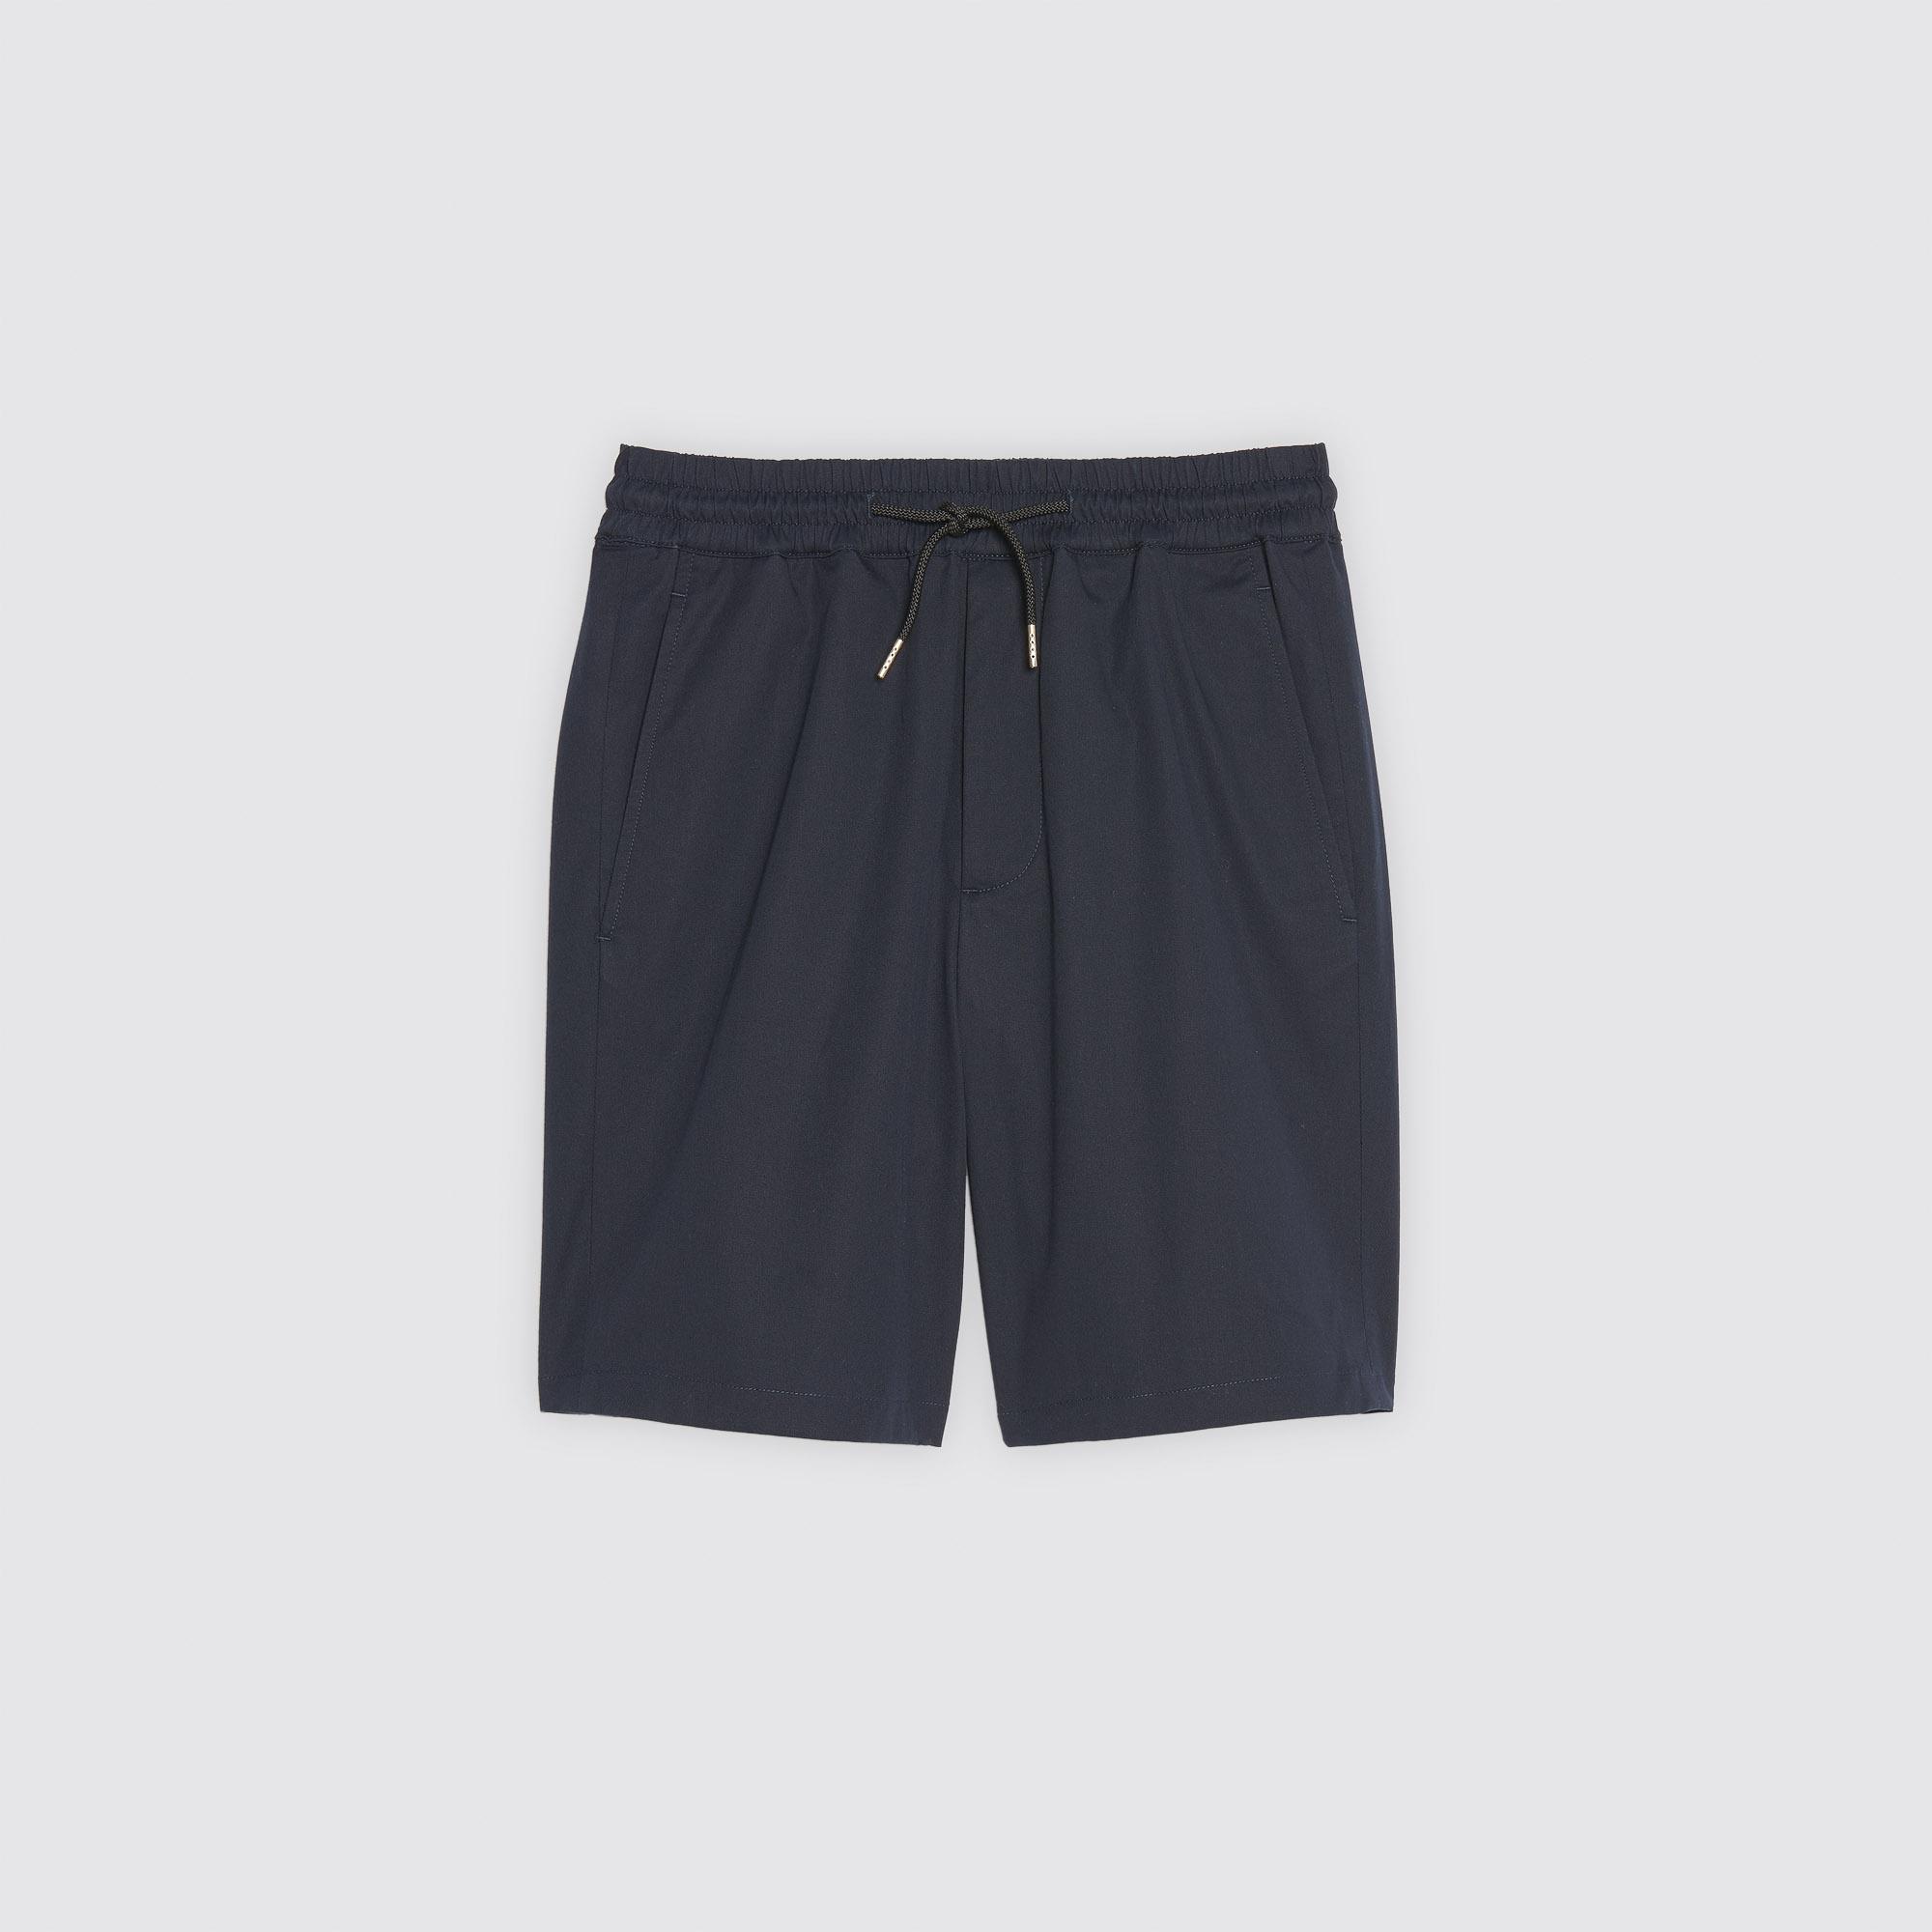 BERMUDA CON CORDONCINO IN VITA : Pantaloni & Short colore Blu Marino